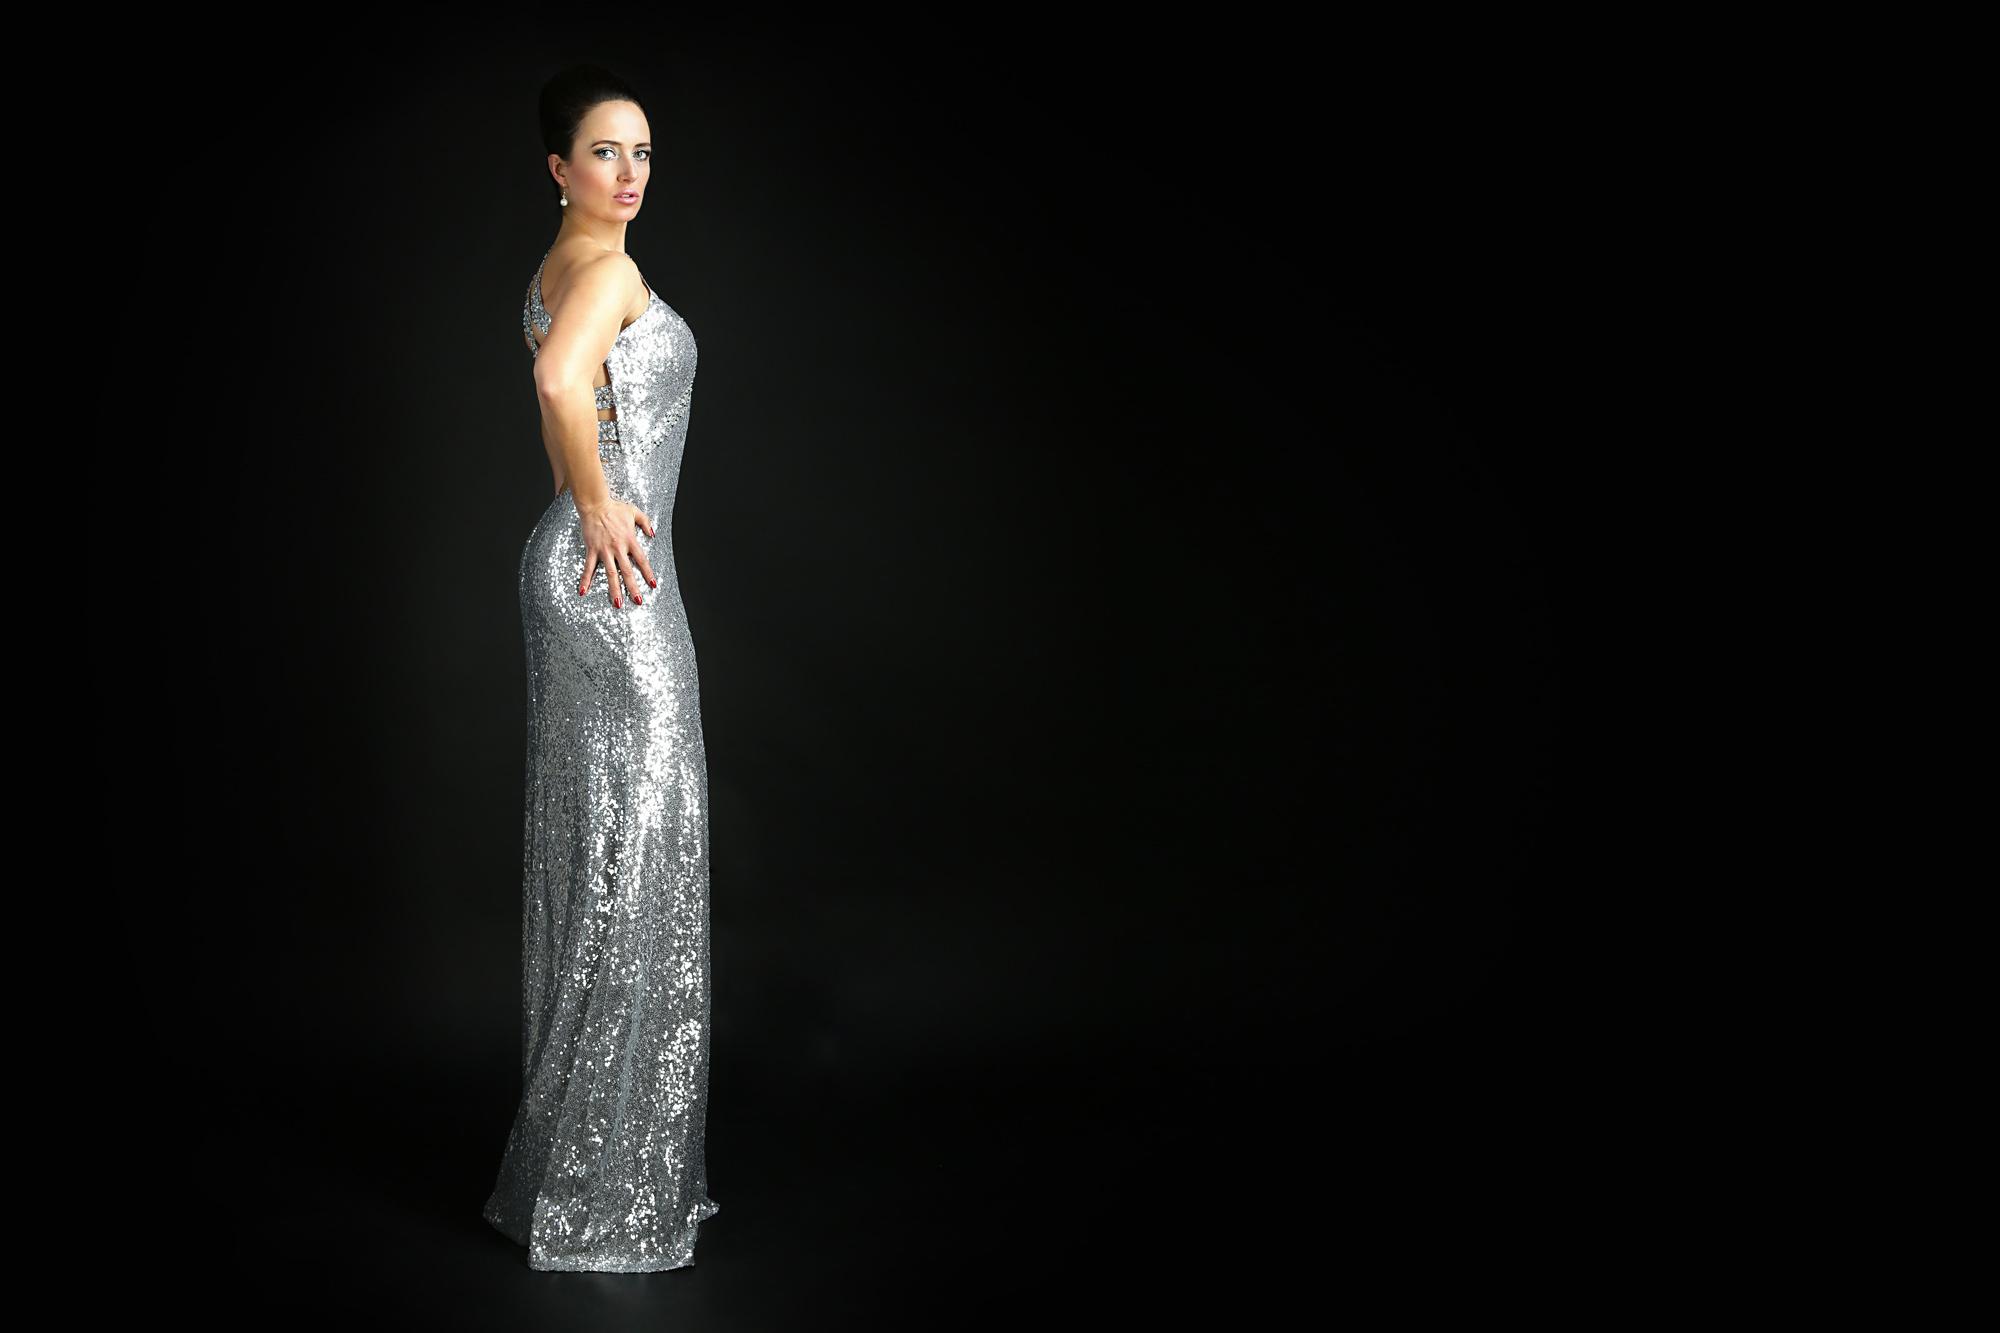 amalie-von-stein-exclusive-GA5A5592